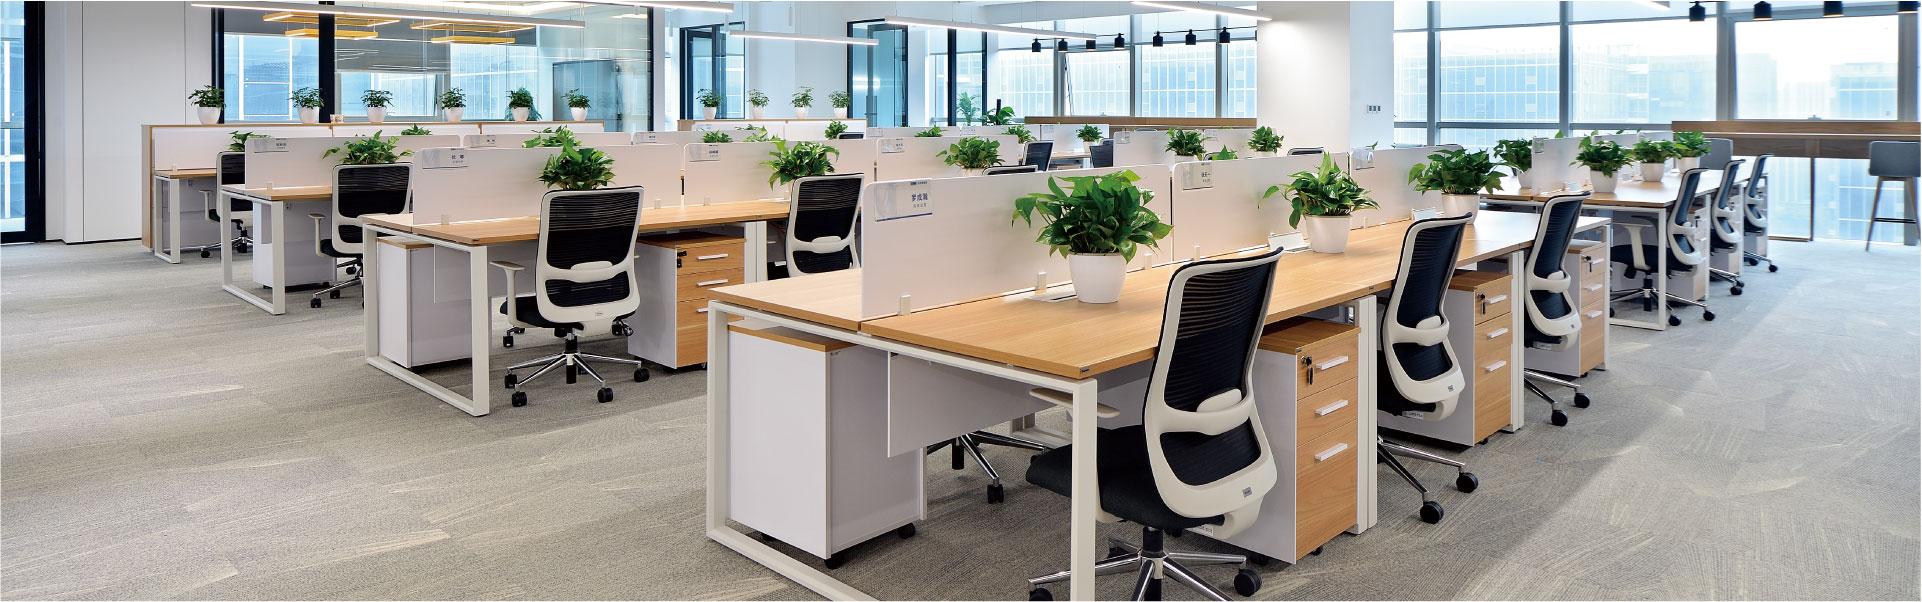 红星·美凯龙职员空间 圣奥办公家具设计